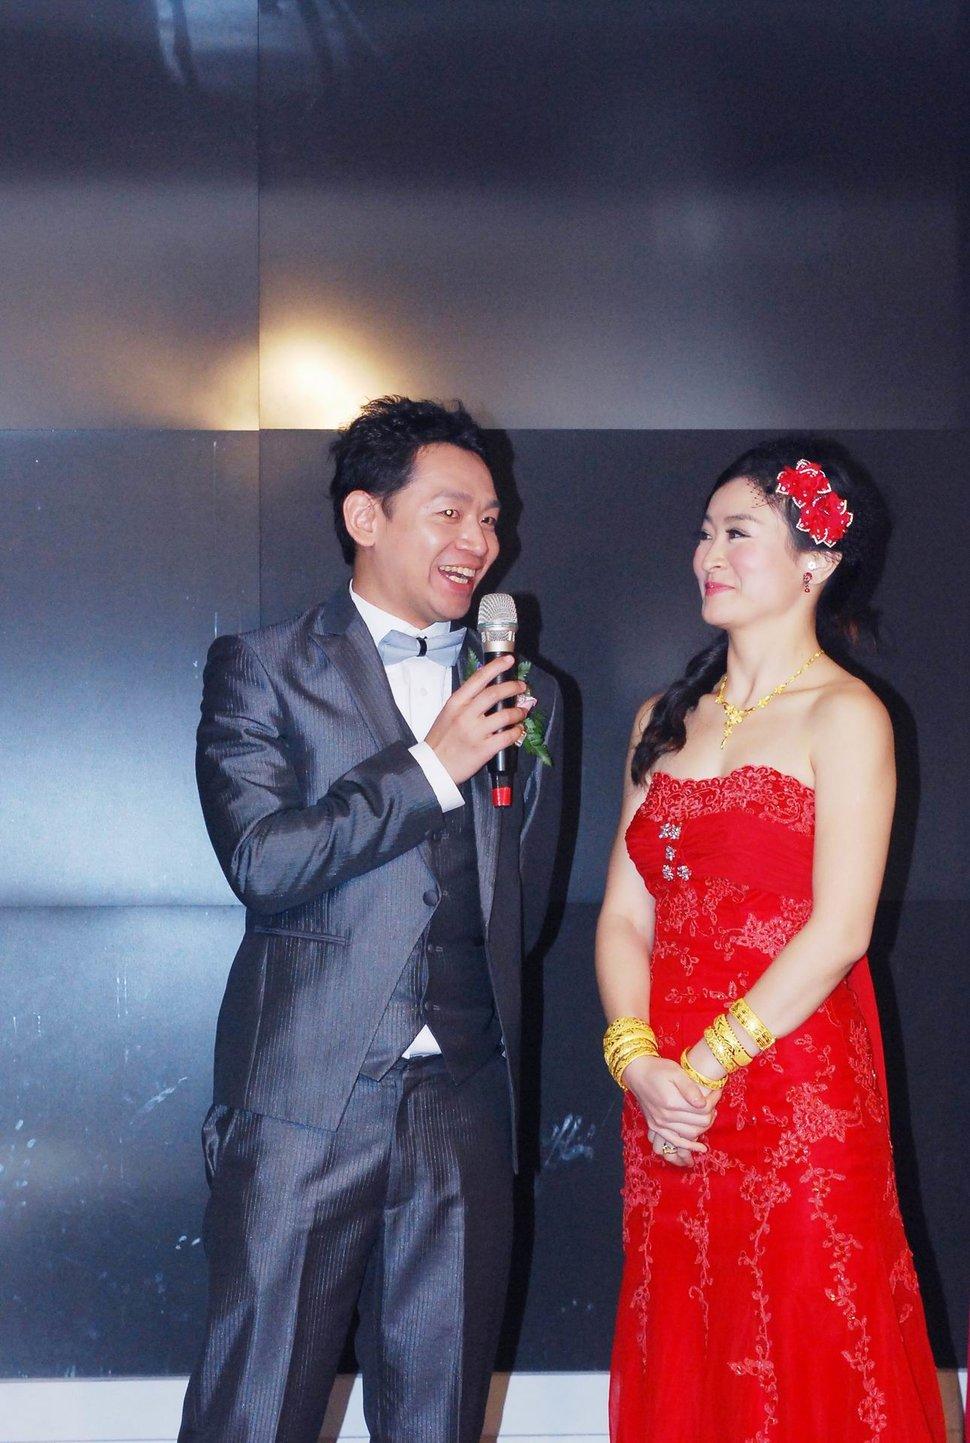 汐止那米哥餐廳婚宴會館餐廳婚攝j婚錄結婚迎娶婚禮記錄動態微電影錄影專業錄影平面攝影婚禮紀錄婚攝婚錄主持人(編號:280750) - 蜜月拍照10800錄影12800攝影團隊 - 結婚吧